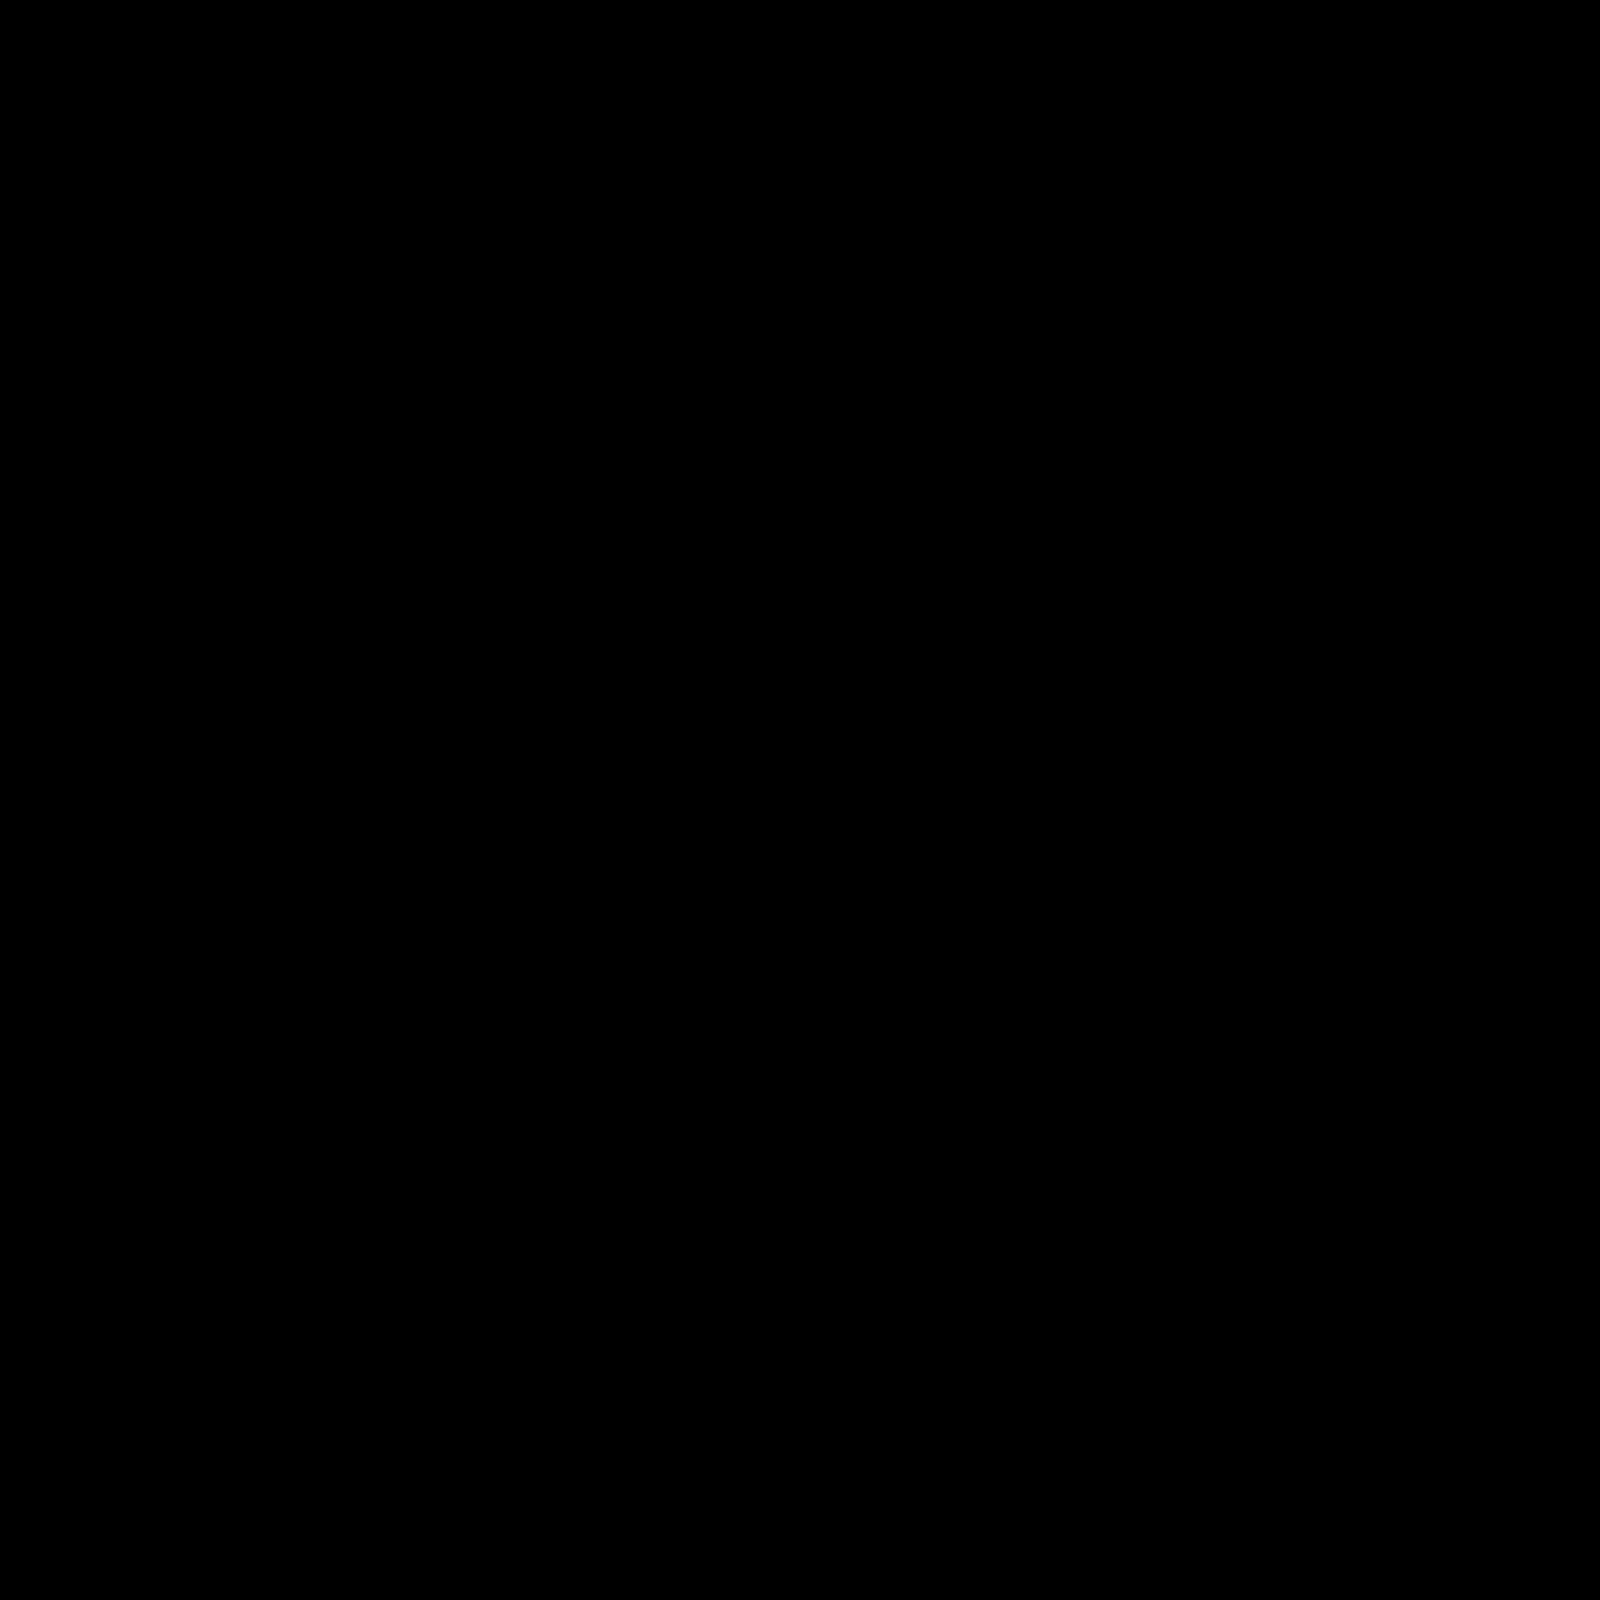 Druckerchannel testet Xerox VersaLink C405 und VersaLink C500